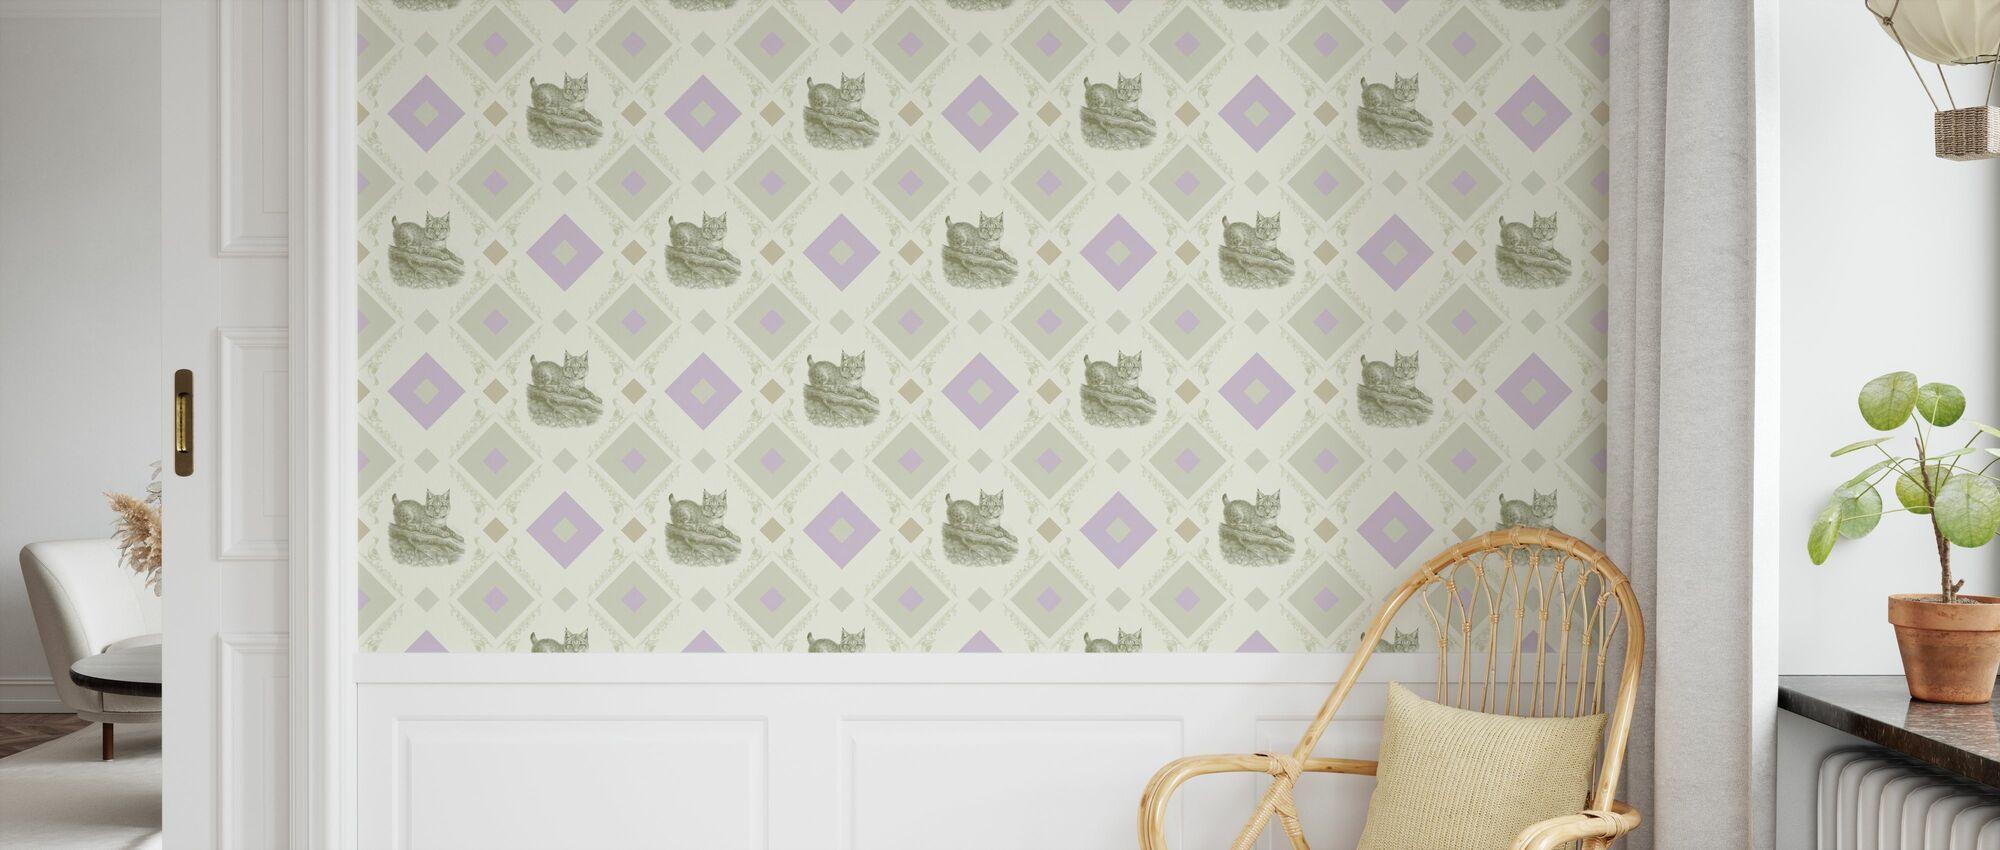 Lynx - Cadre à gooseframe - Vert Violet - Papier peint - Chambre des enfants